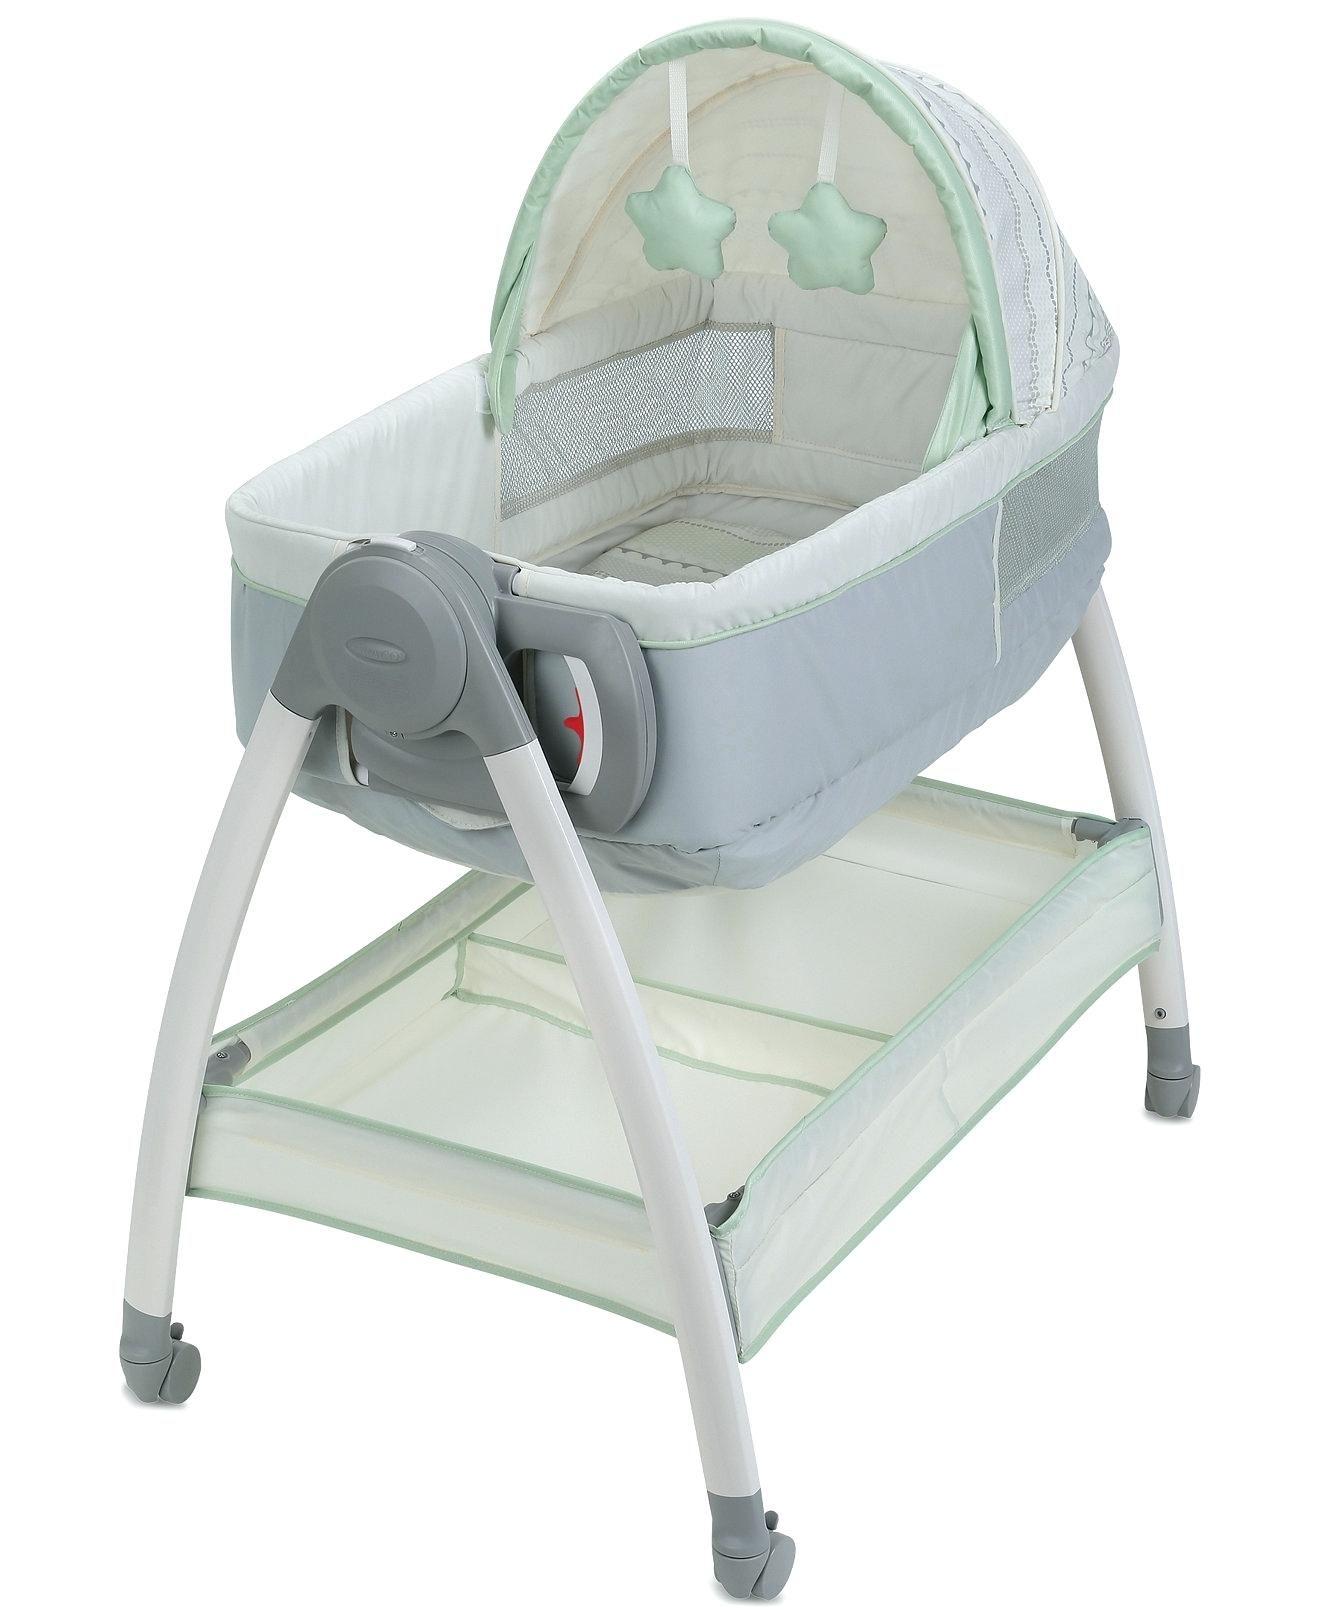 Baby Kinderwagen Zubehor Graco Traum Suite Mason Reisebett Schwarz